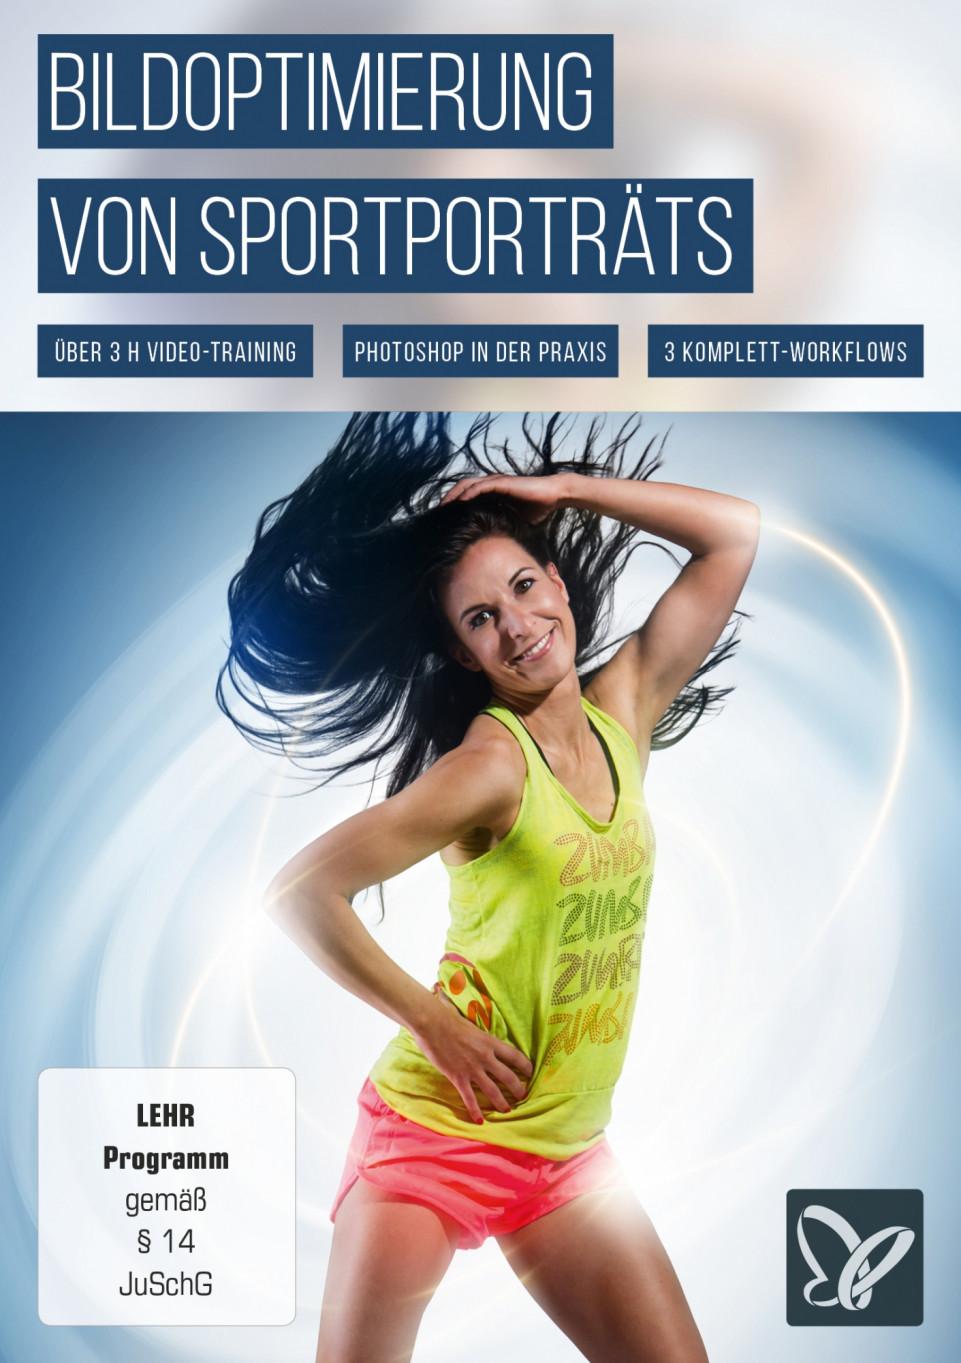 Bildoptimierung von Sportporträts